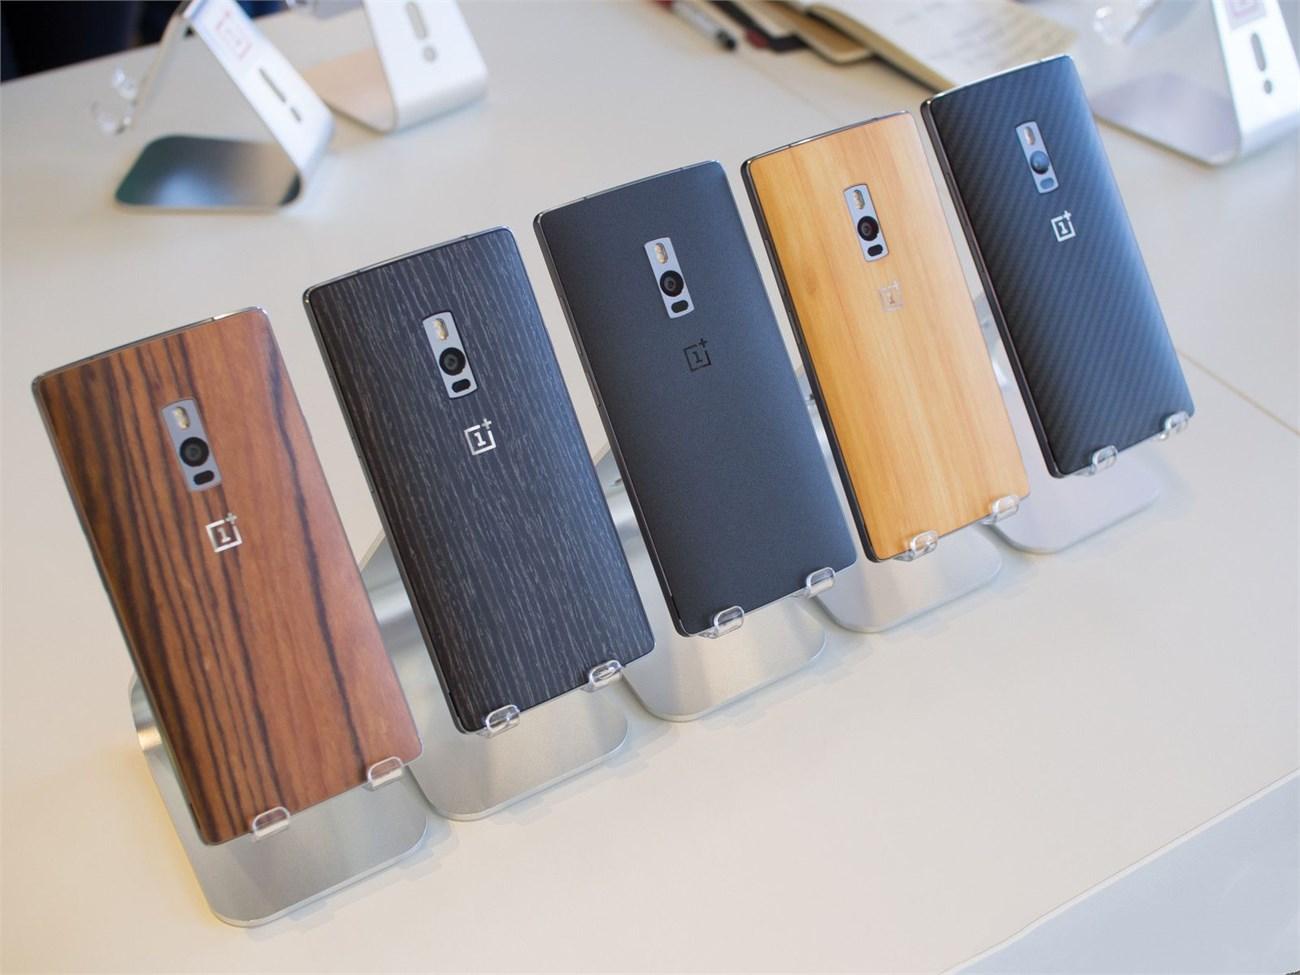 OnePlus 2 do Trung Quốc sản xuất, nhưng có cấu hình và giá bán tuyệt vời